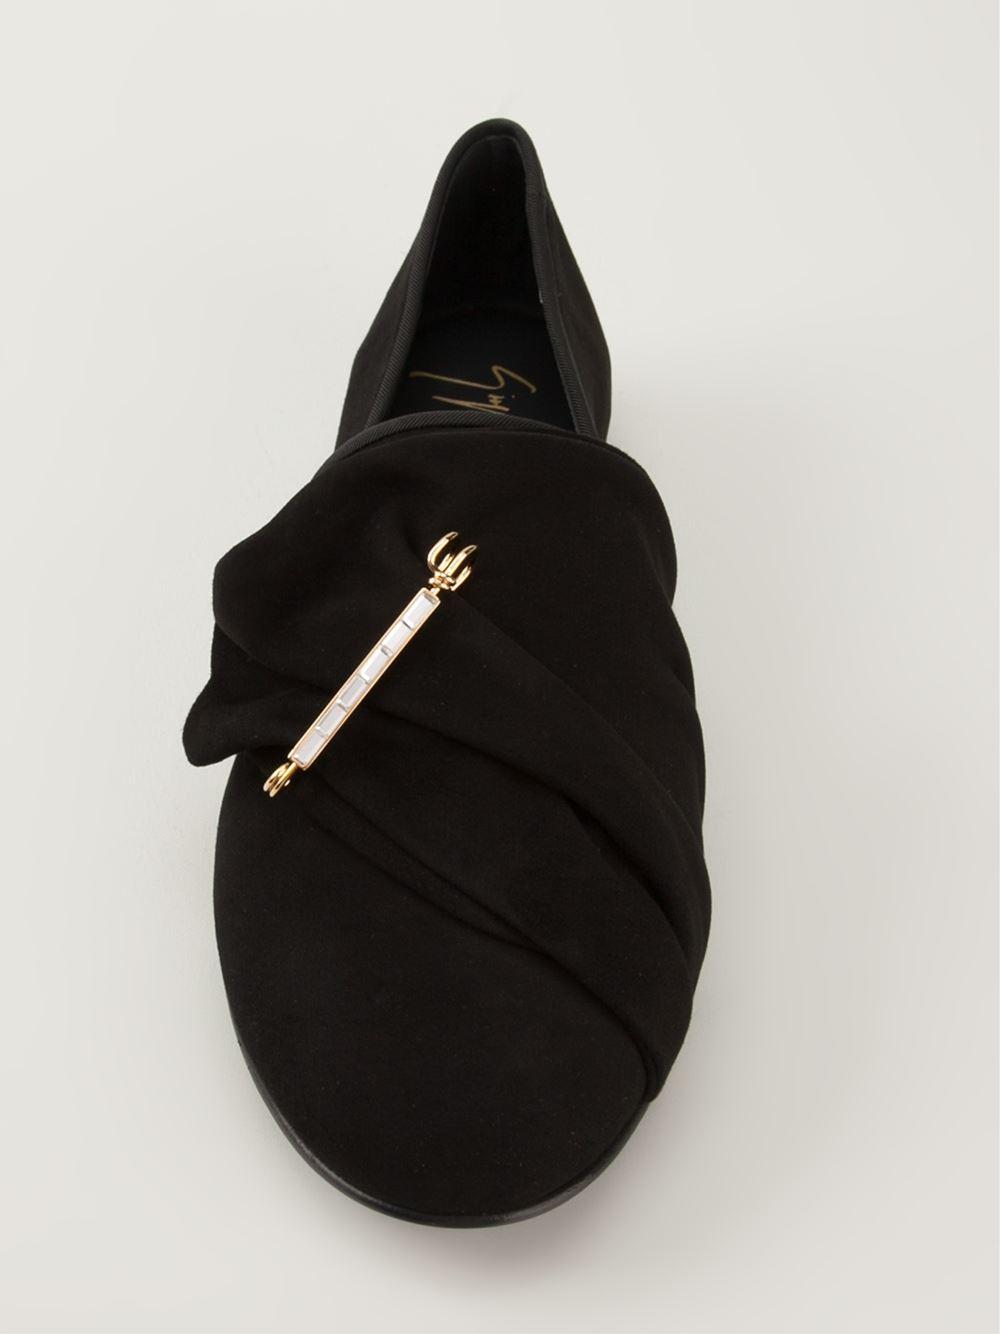 Lyst - Giuseppe Zanotti Ruched Slippers in Black for Men 0769ed25e191